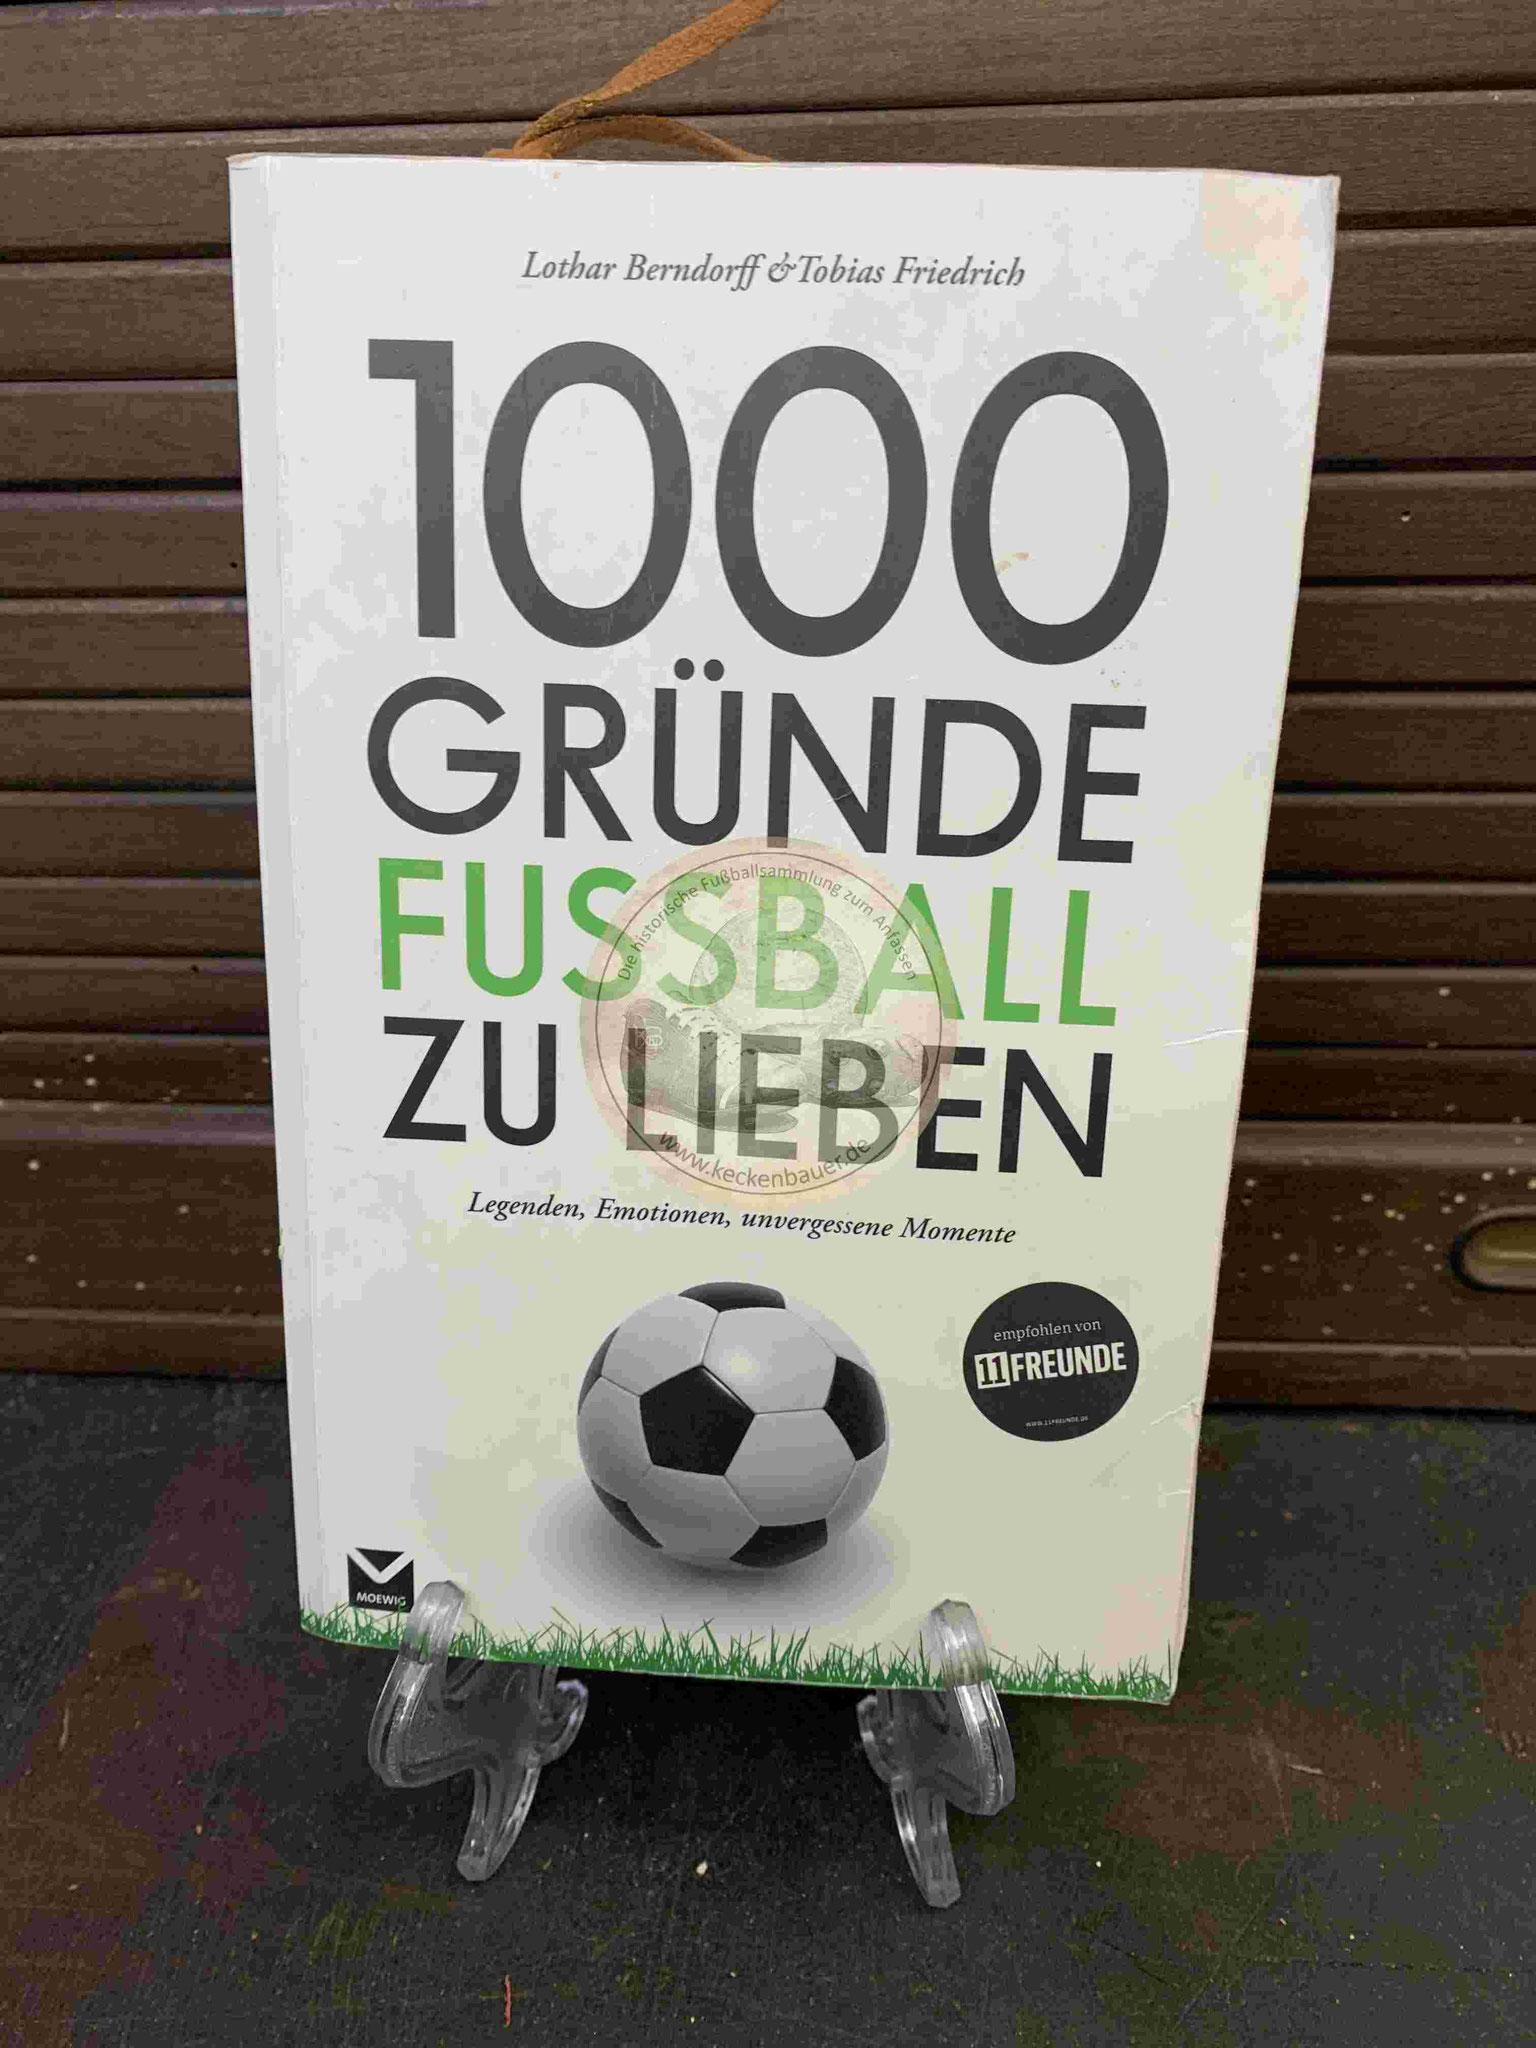 1000 Gründe Fussball zu lieben aus dem Jahr 2008